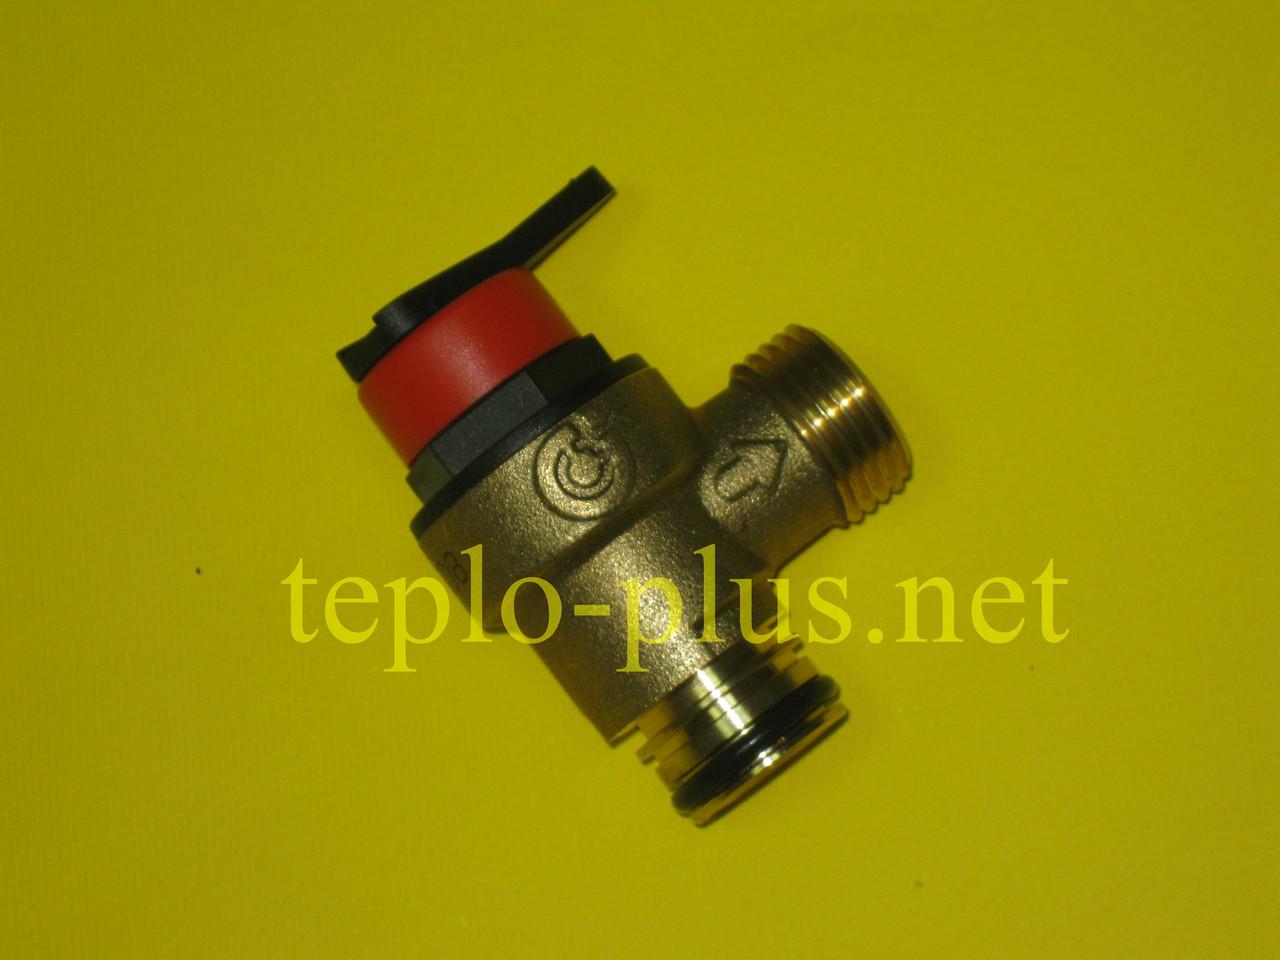 Предохранительный клапан 3 бар (клапан безопасности) 178985 Vaillant atmoTEC Pro / turboTEC Pro